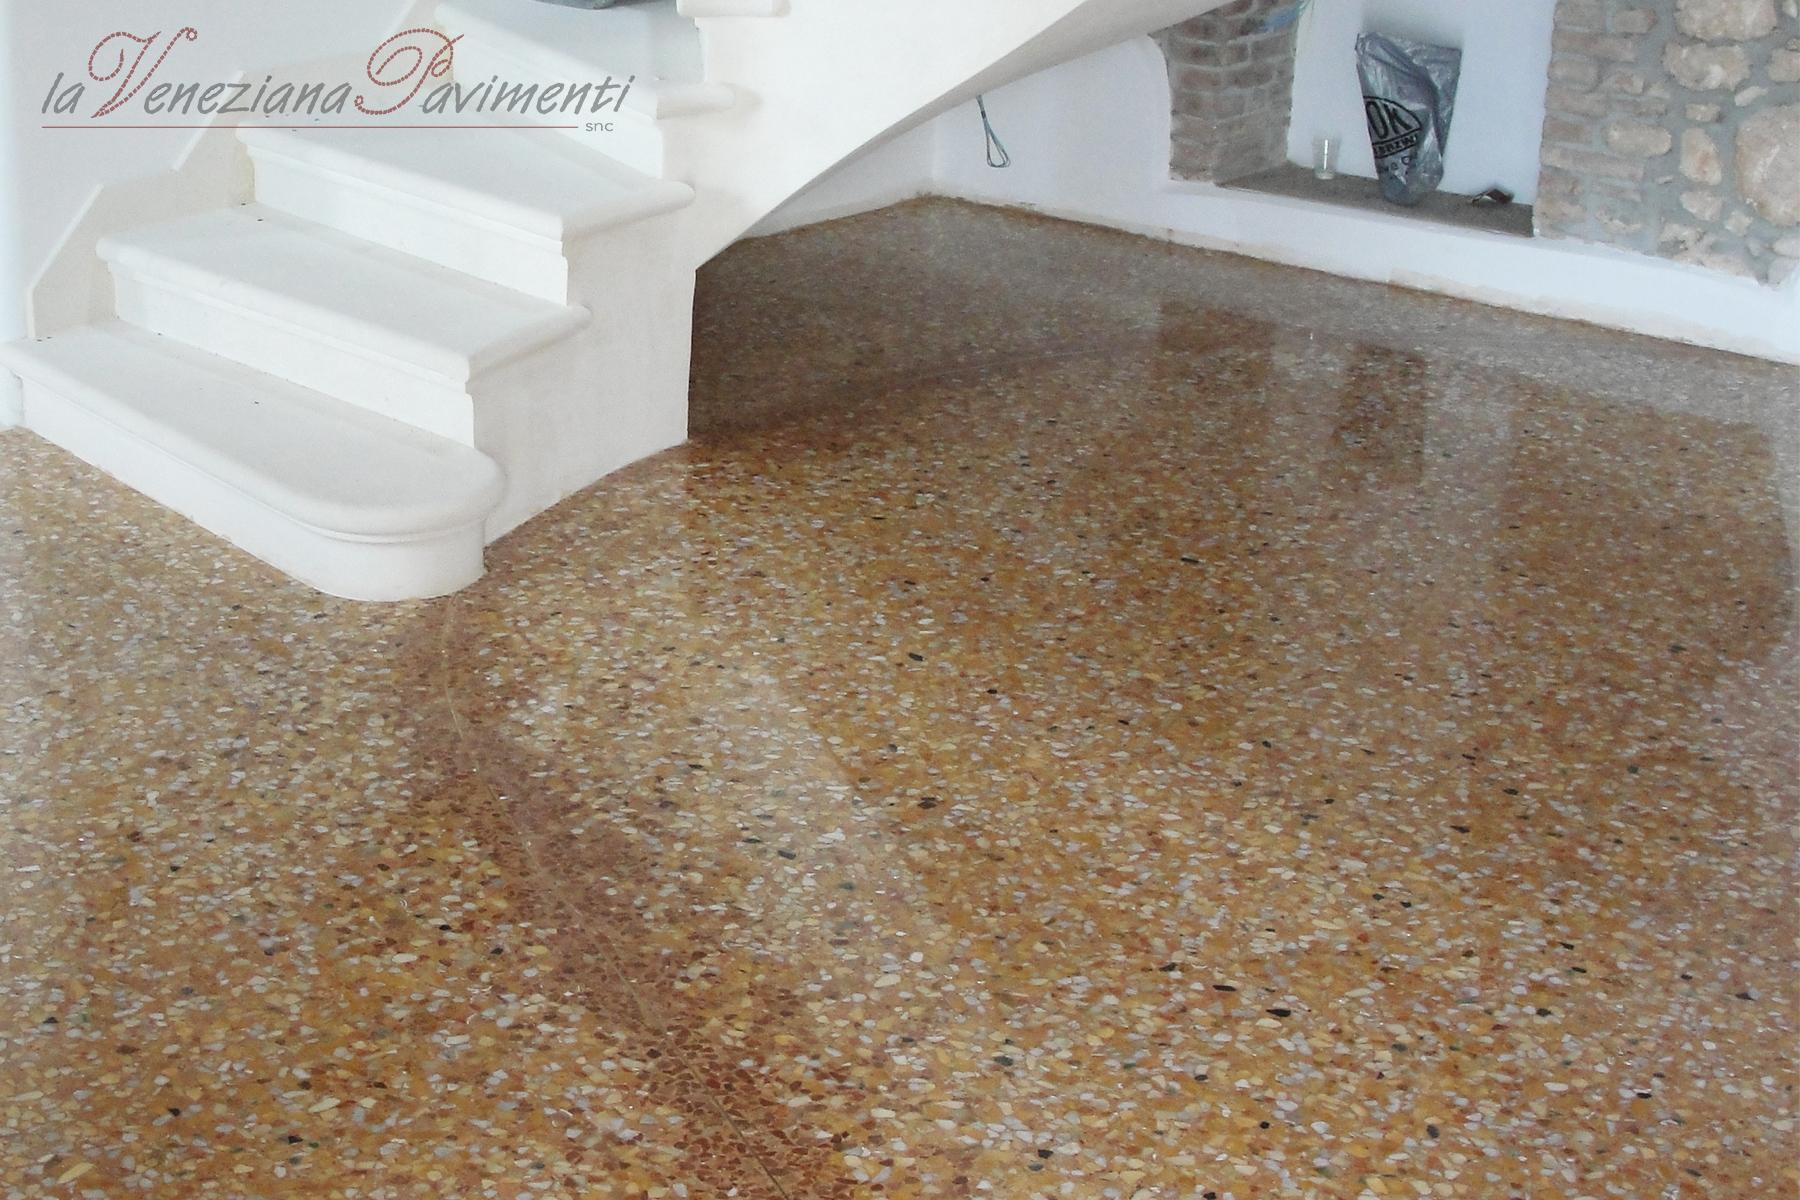 Pavimento In Terrazzo Alla Veneziana seminato alla veneziana, pavimenti alla veneziana, terrazzo